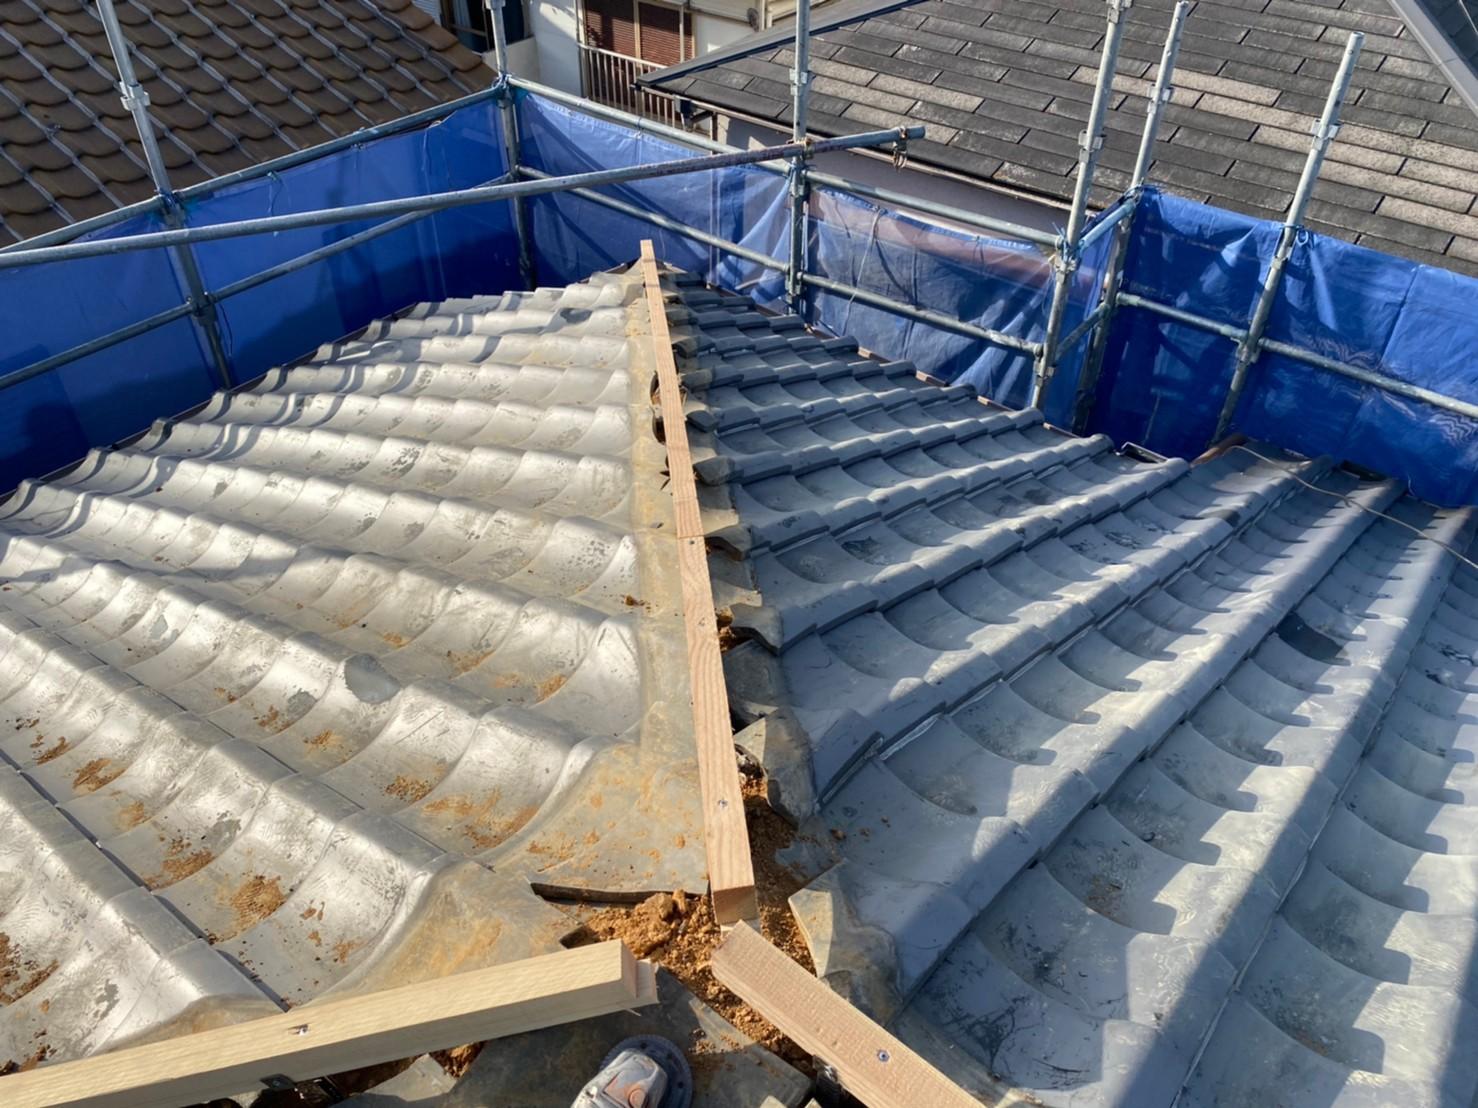 三木市での棟瓦積み替え工事で棟瓦の下地となる垂木を取り付けた様子